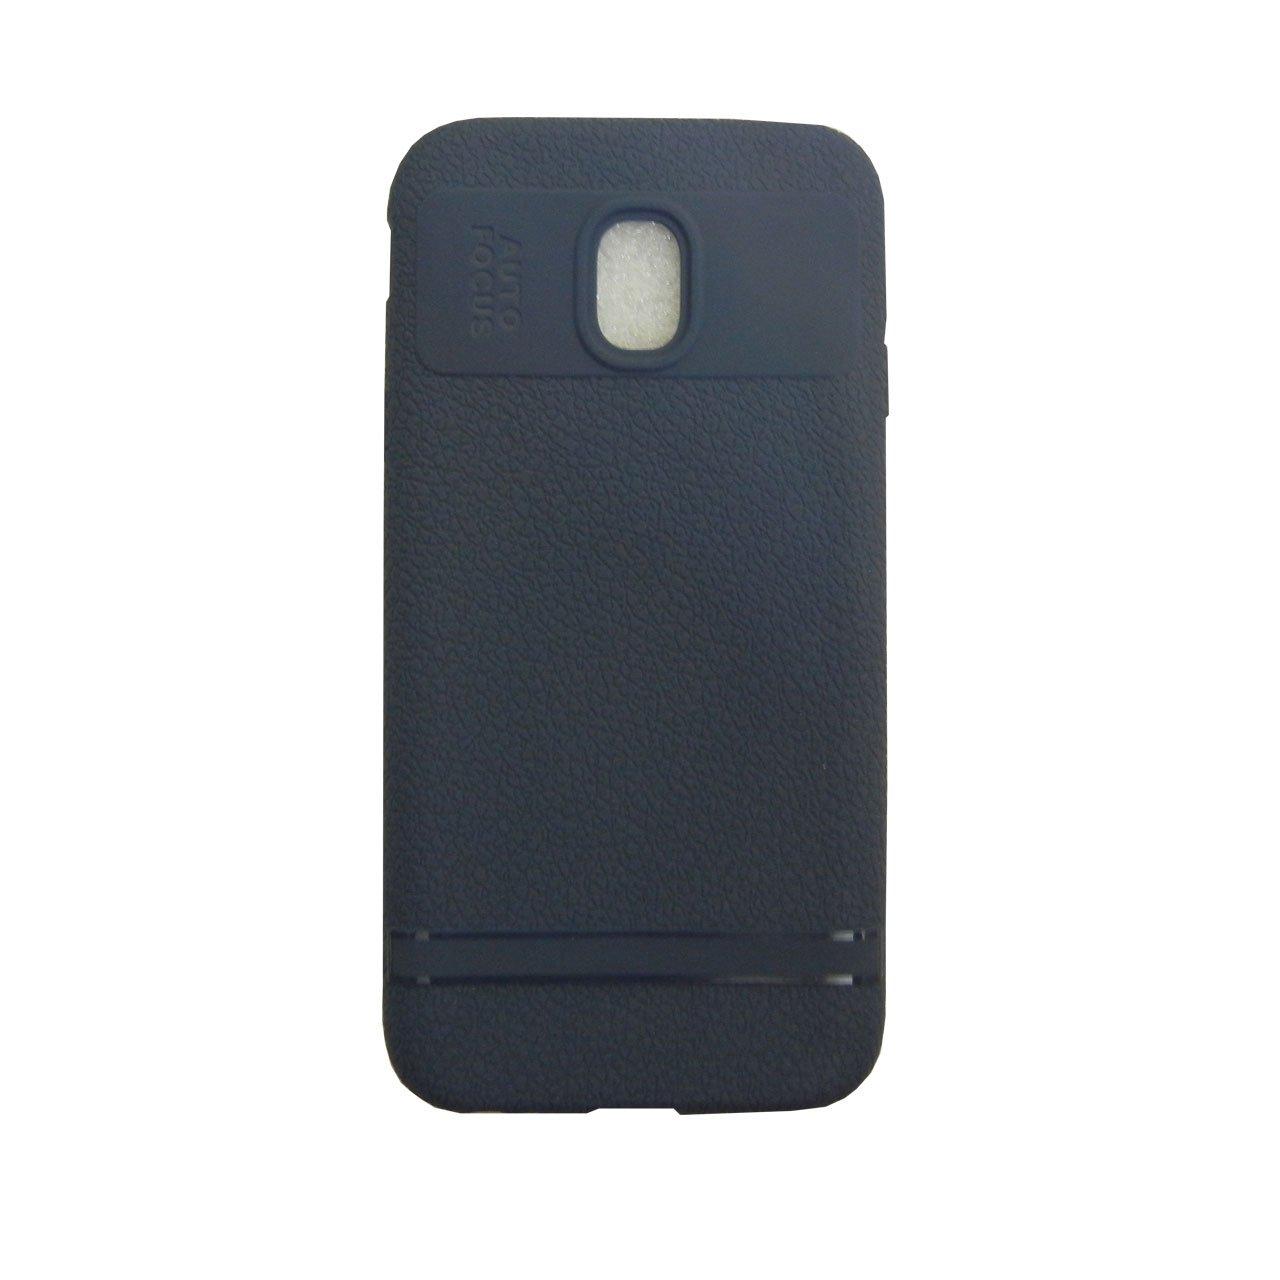 کاور موبایل مناسب برای سامسونگ J330